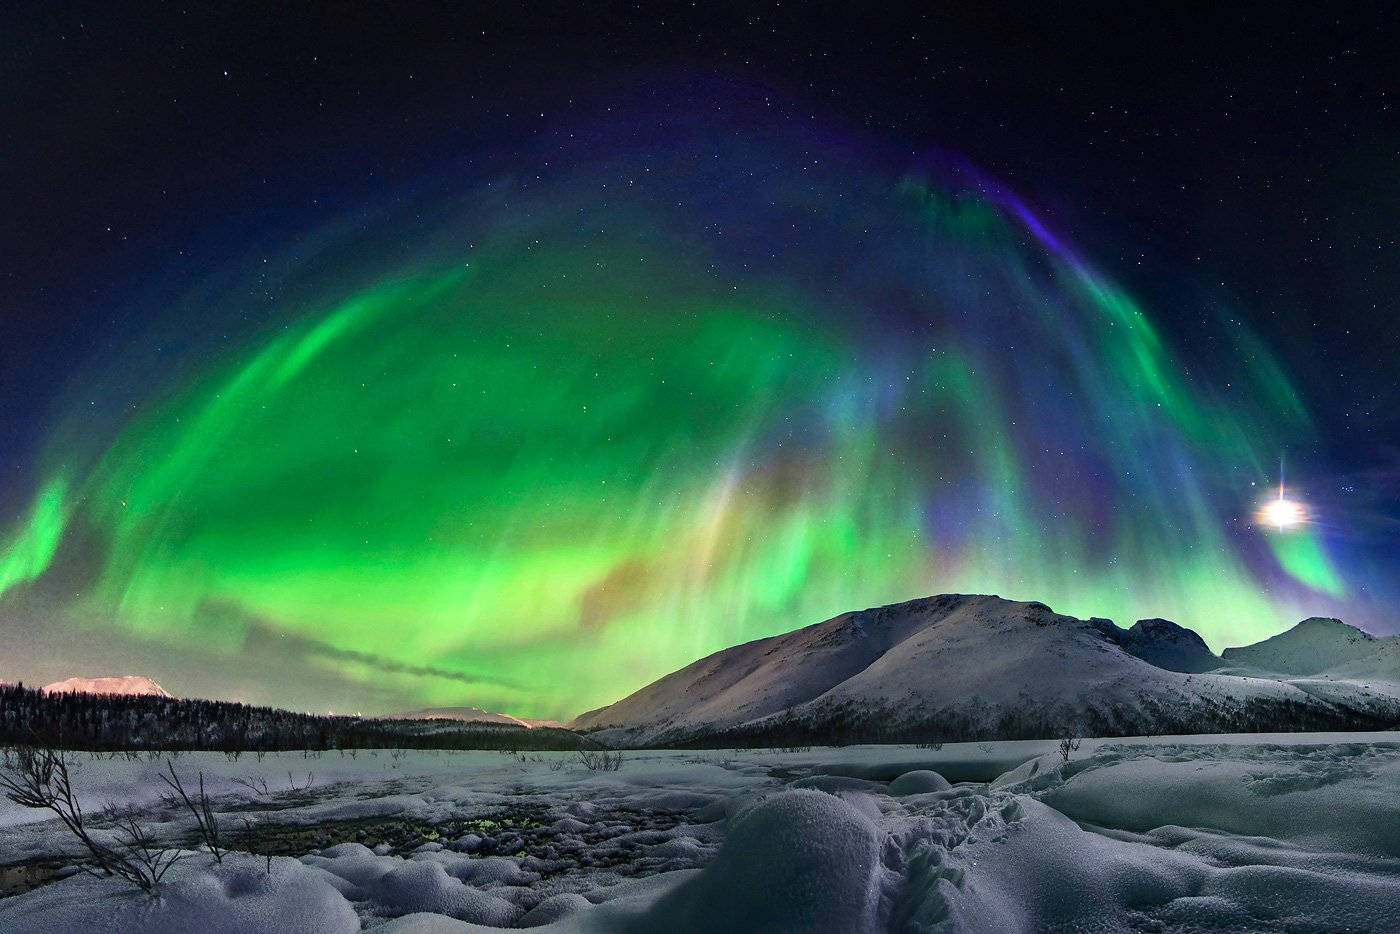 хибины, горы, ночь, сияние, полярное сияние, луна, звезды, небо, зима, кольский, север, заполярье, путешествие, Григорий Ильин